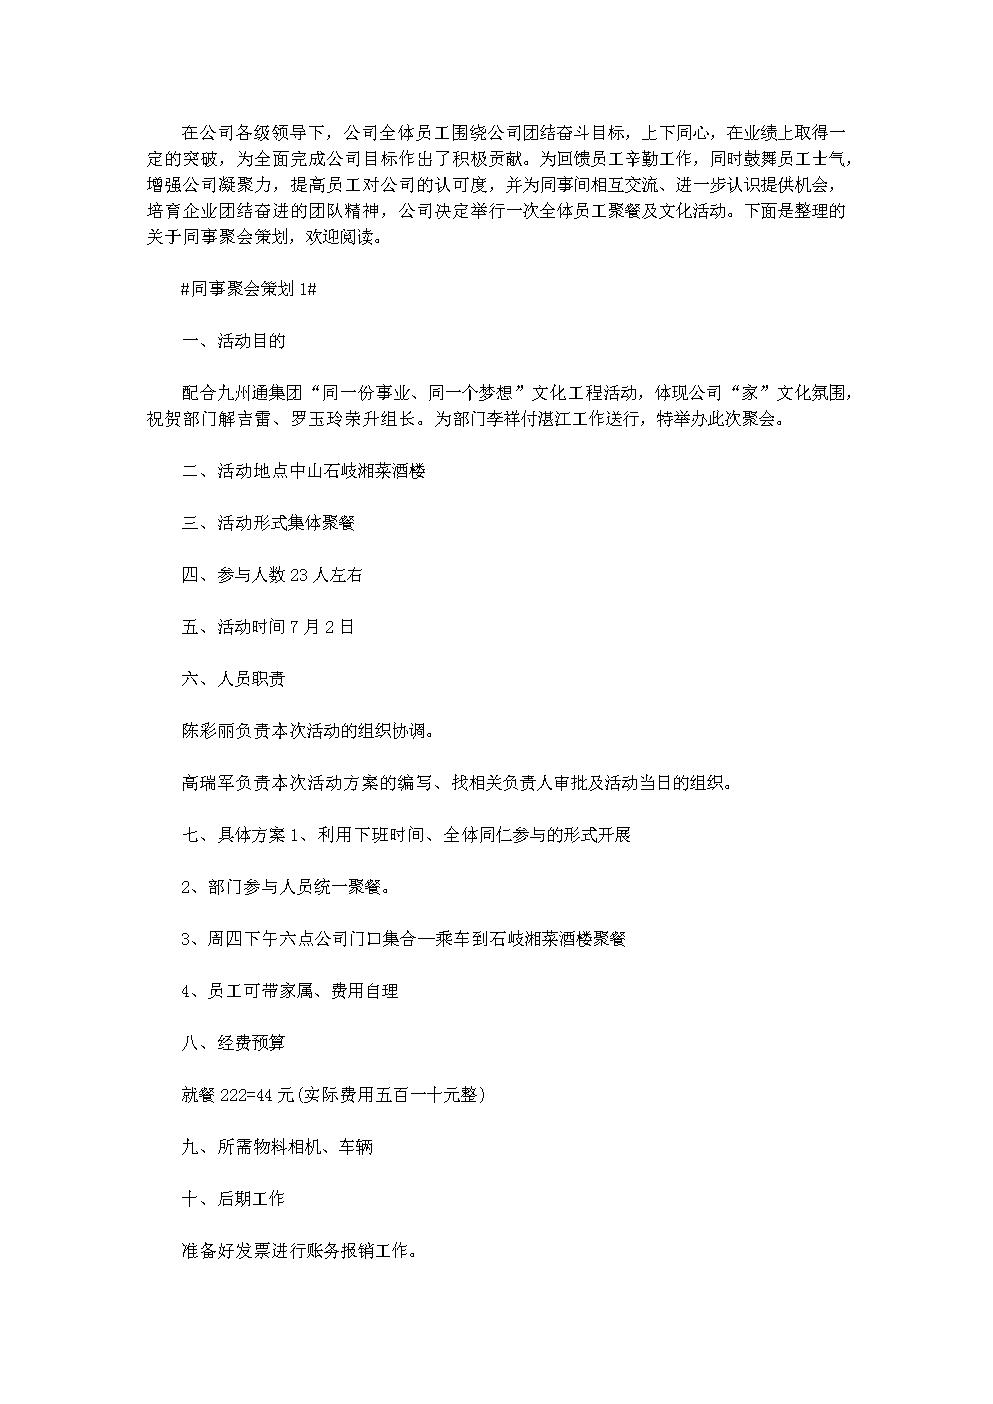 同事聚会策划结尾文档.doc